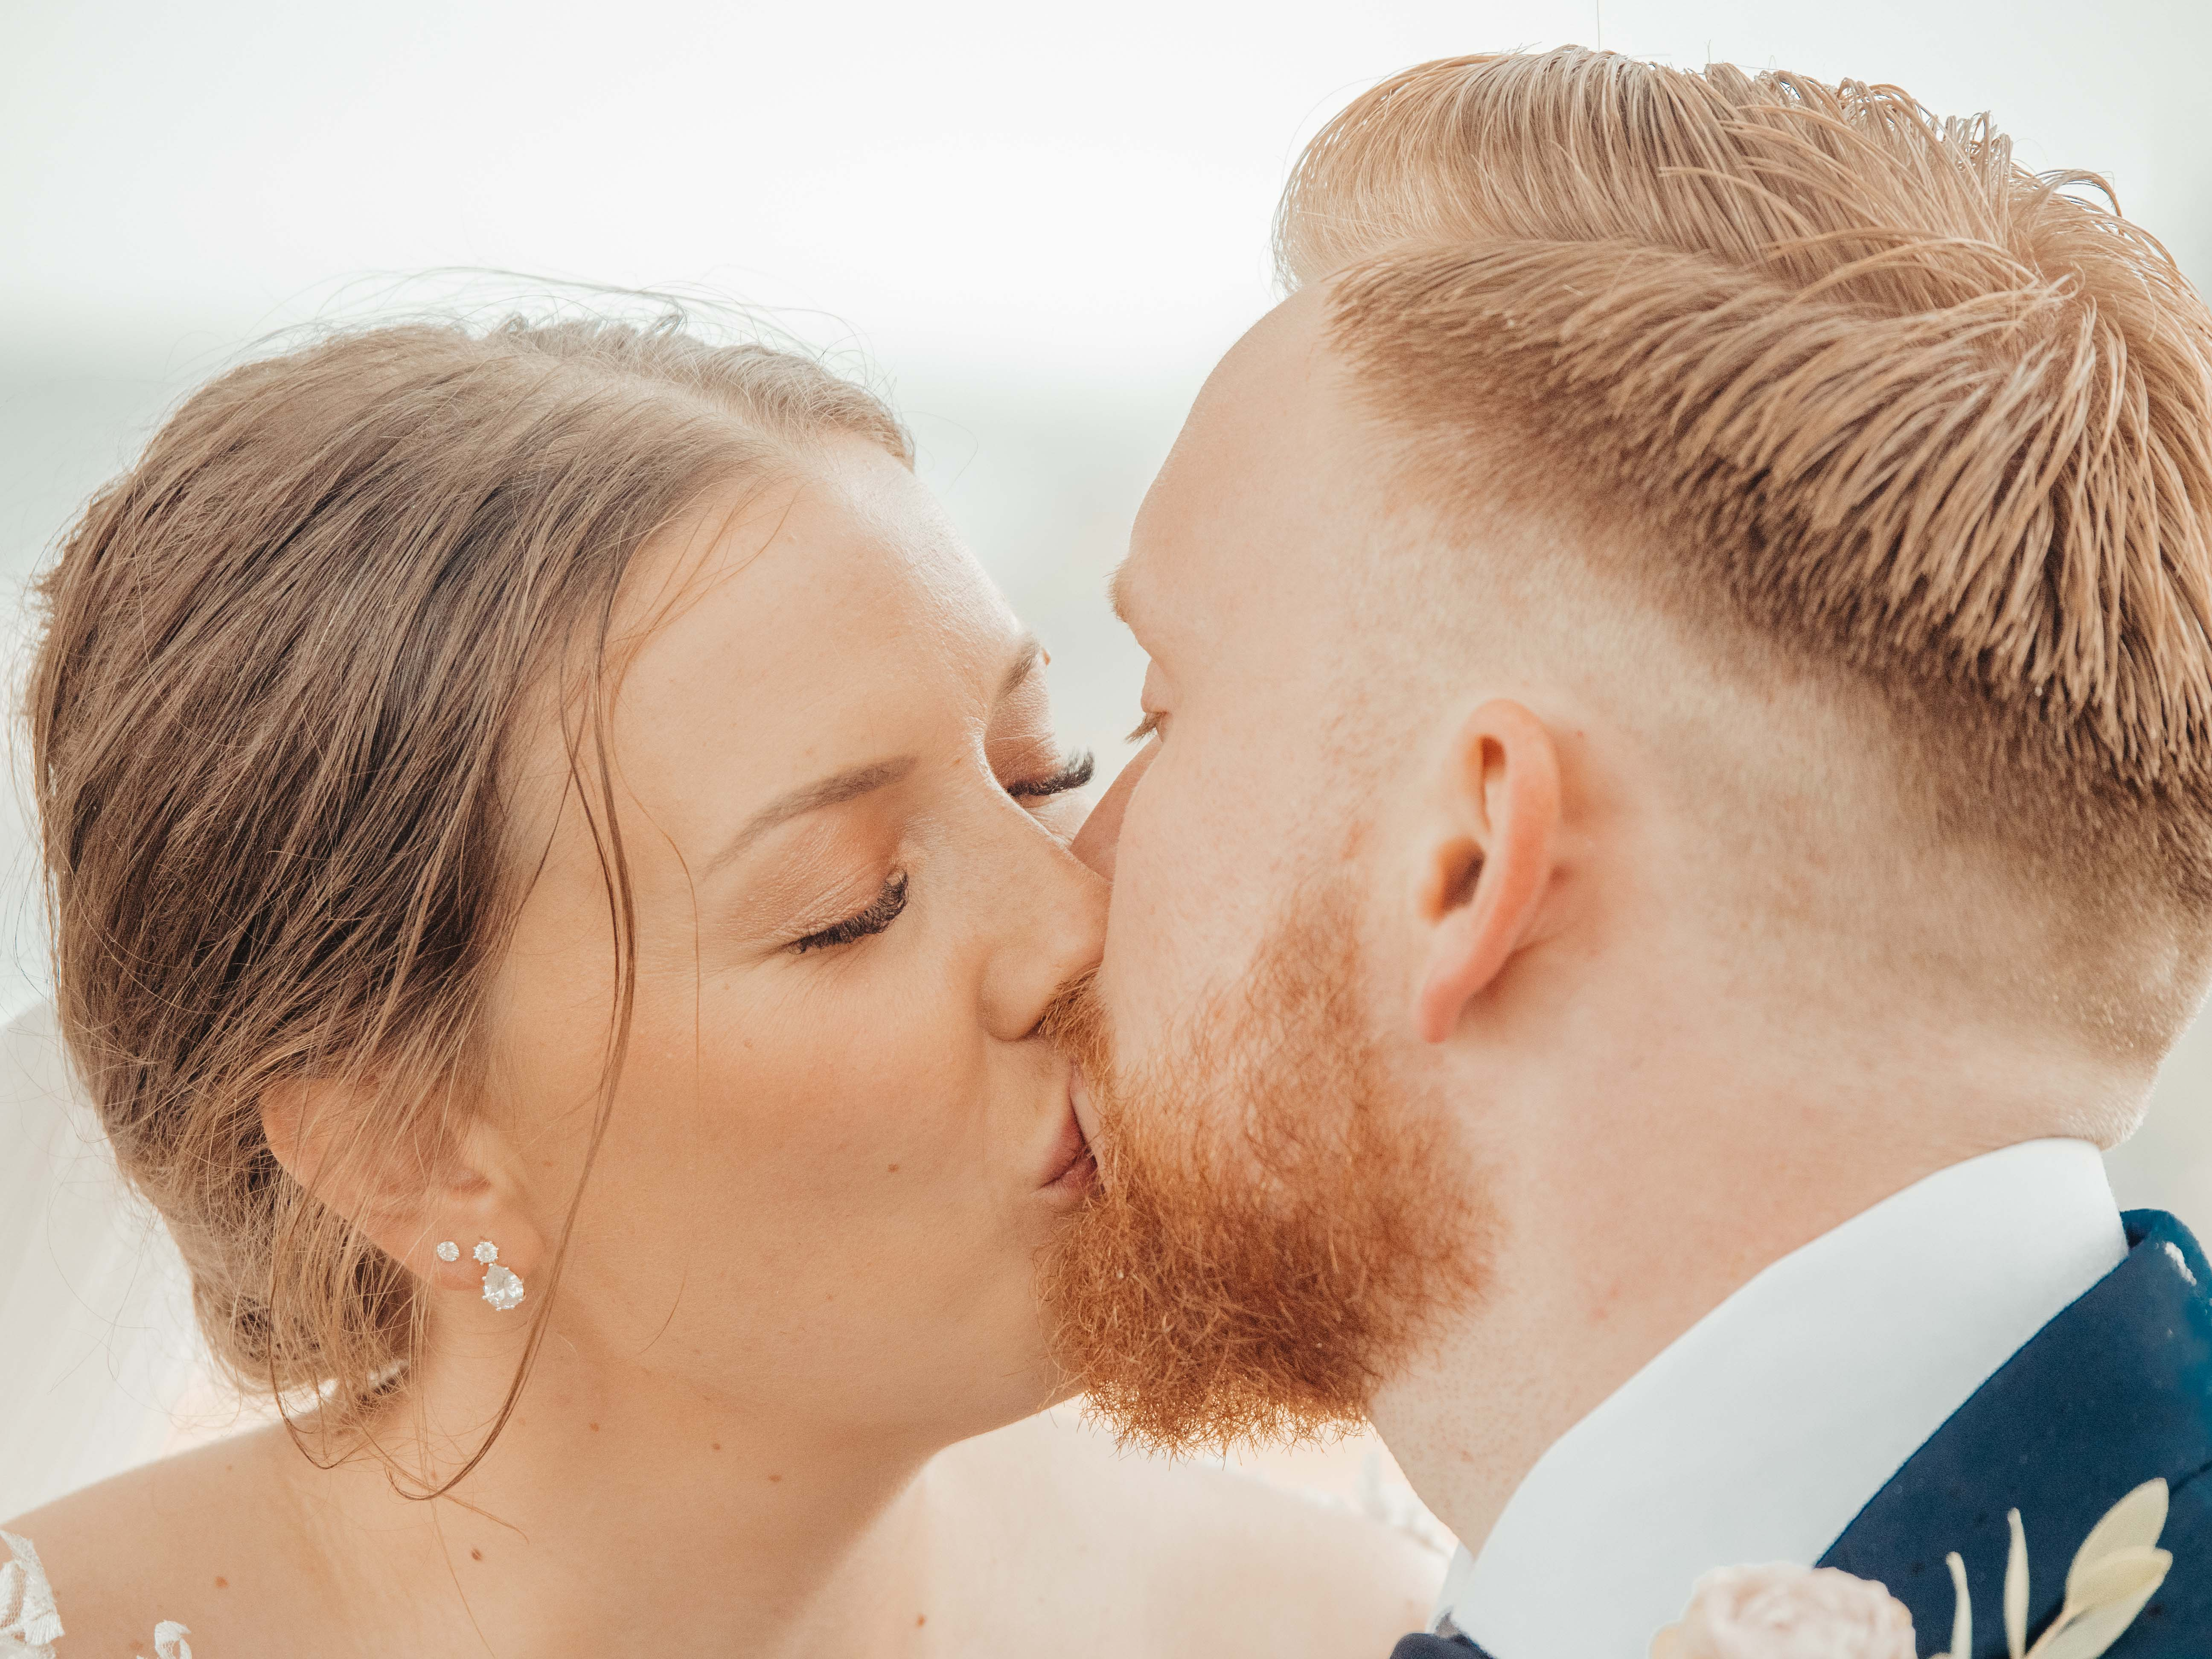 Tonje og Aleksander 2019 - Wedding kiss